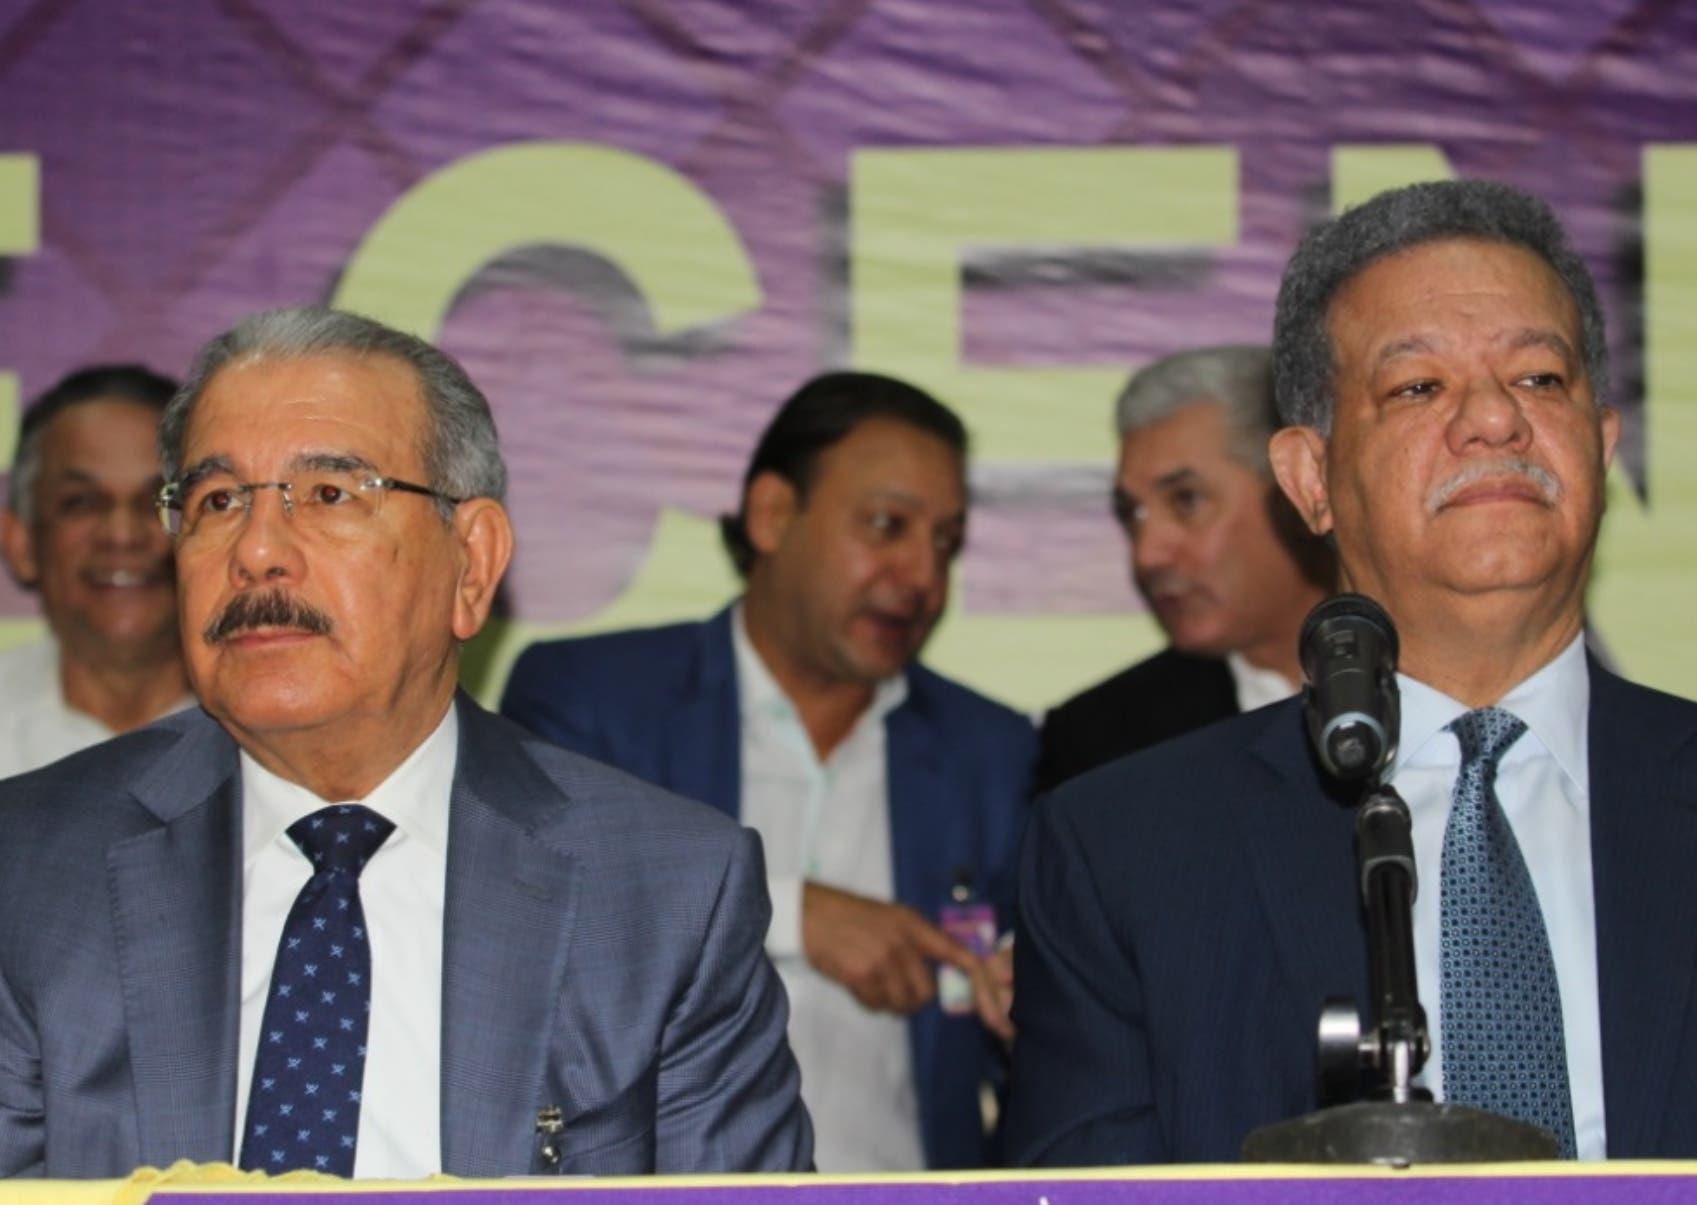 Las diferencias internas en el PLD se han agudizado en los últimos meses entre las facciones que lideran Medina y Fernández.